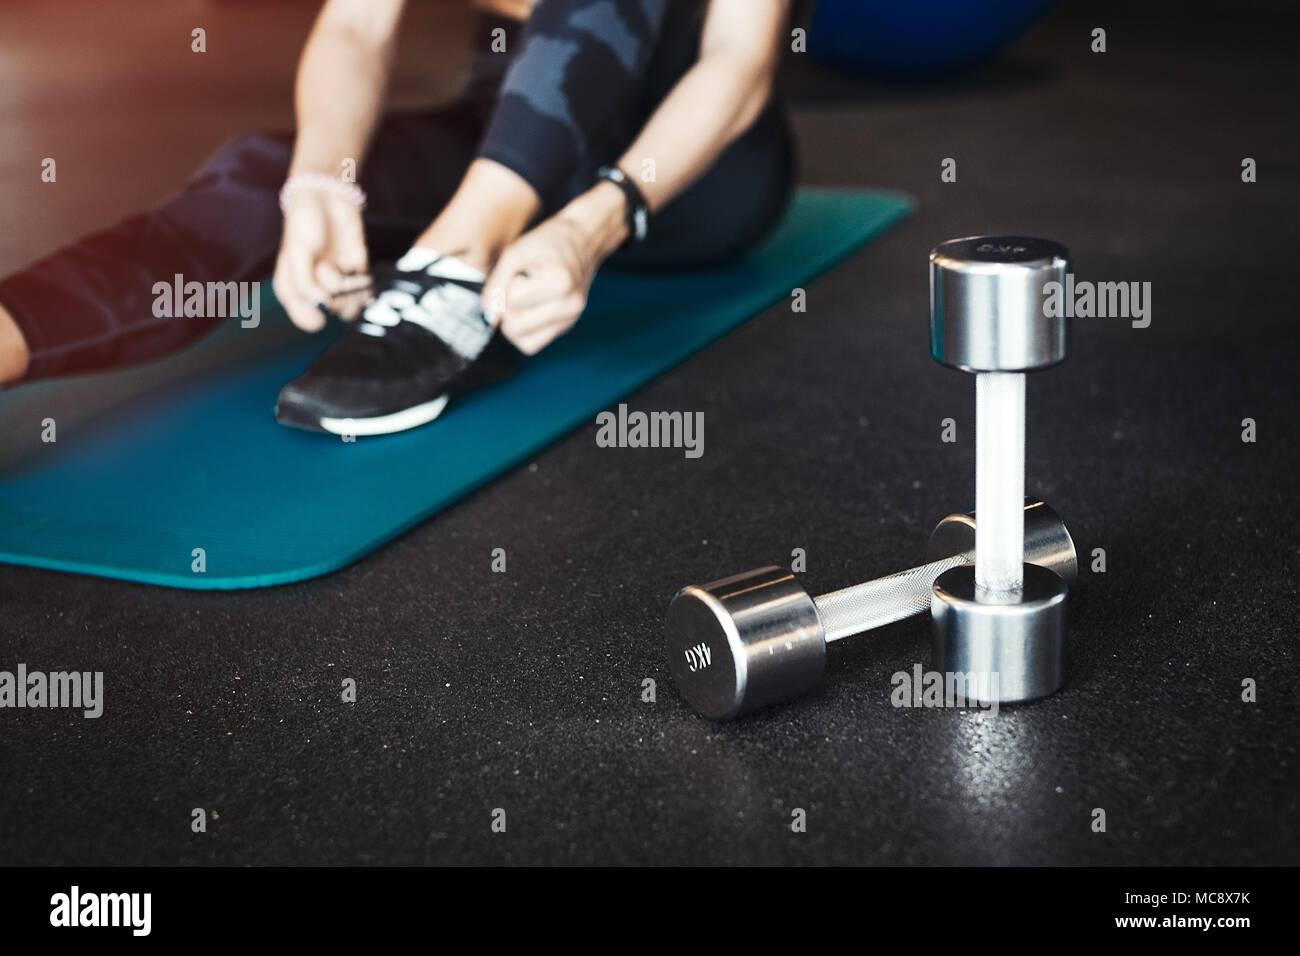 Joven morena atractiva chica enlacing su calzado deportivo después de practicar ejercicio y entrenamiento crossfit sobre azul esterilla de yoga. La mujer está en backgroun borrosa Foto de stock